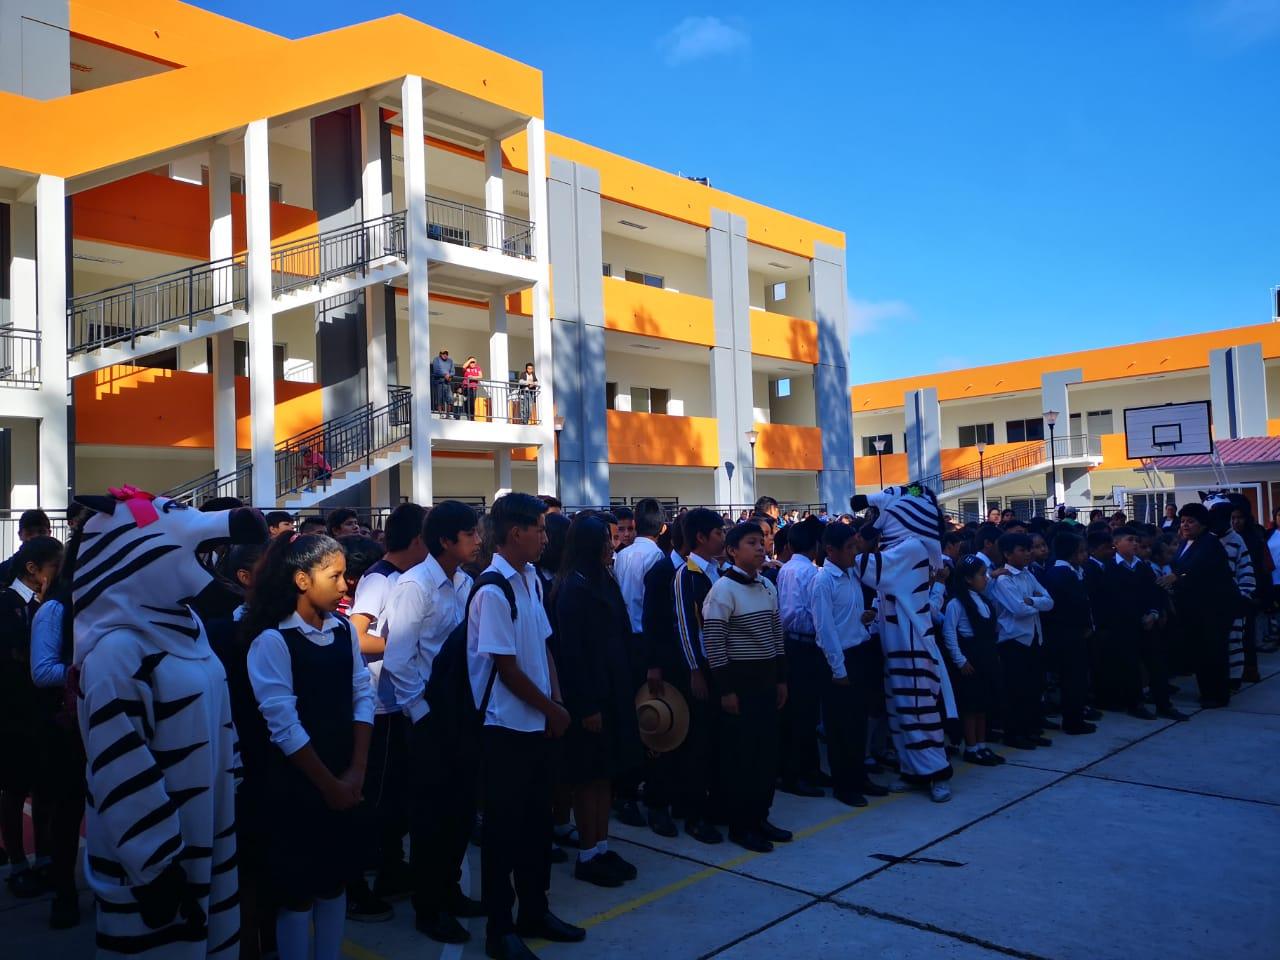 Colegio Carmen Mealla estrena nueva infraestructura en Tarija tras 68 años de servicio